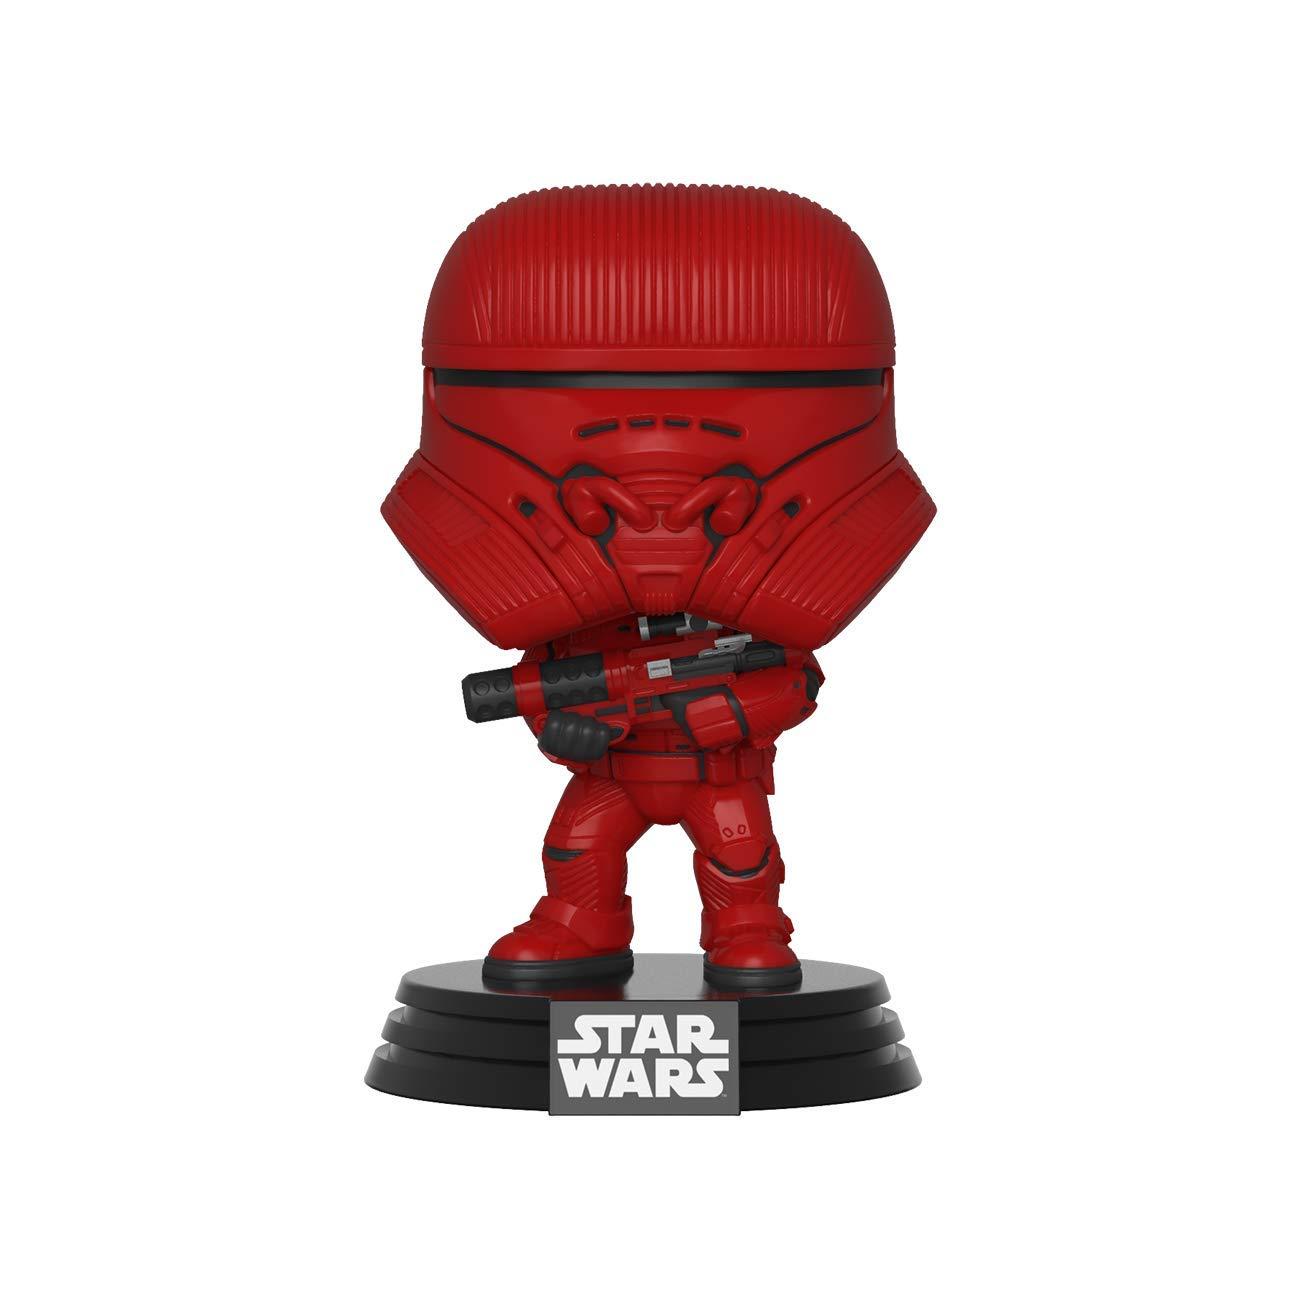 Vinyl First Order Jet Trooper Episode IX Rise of Skywalker Po POP Star Wars